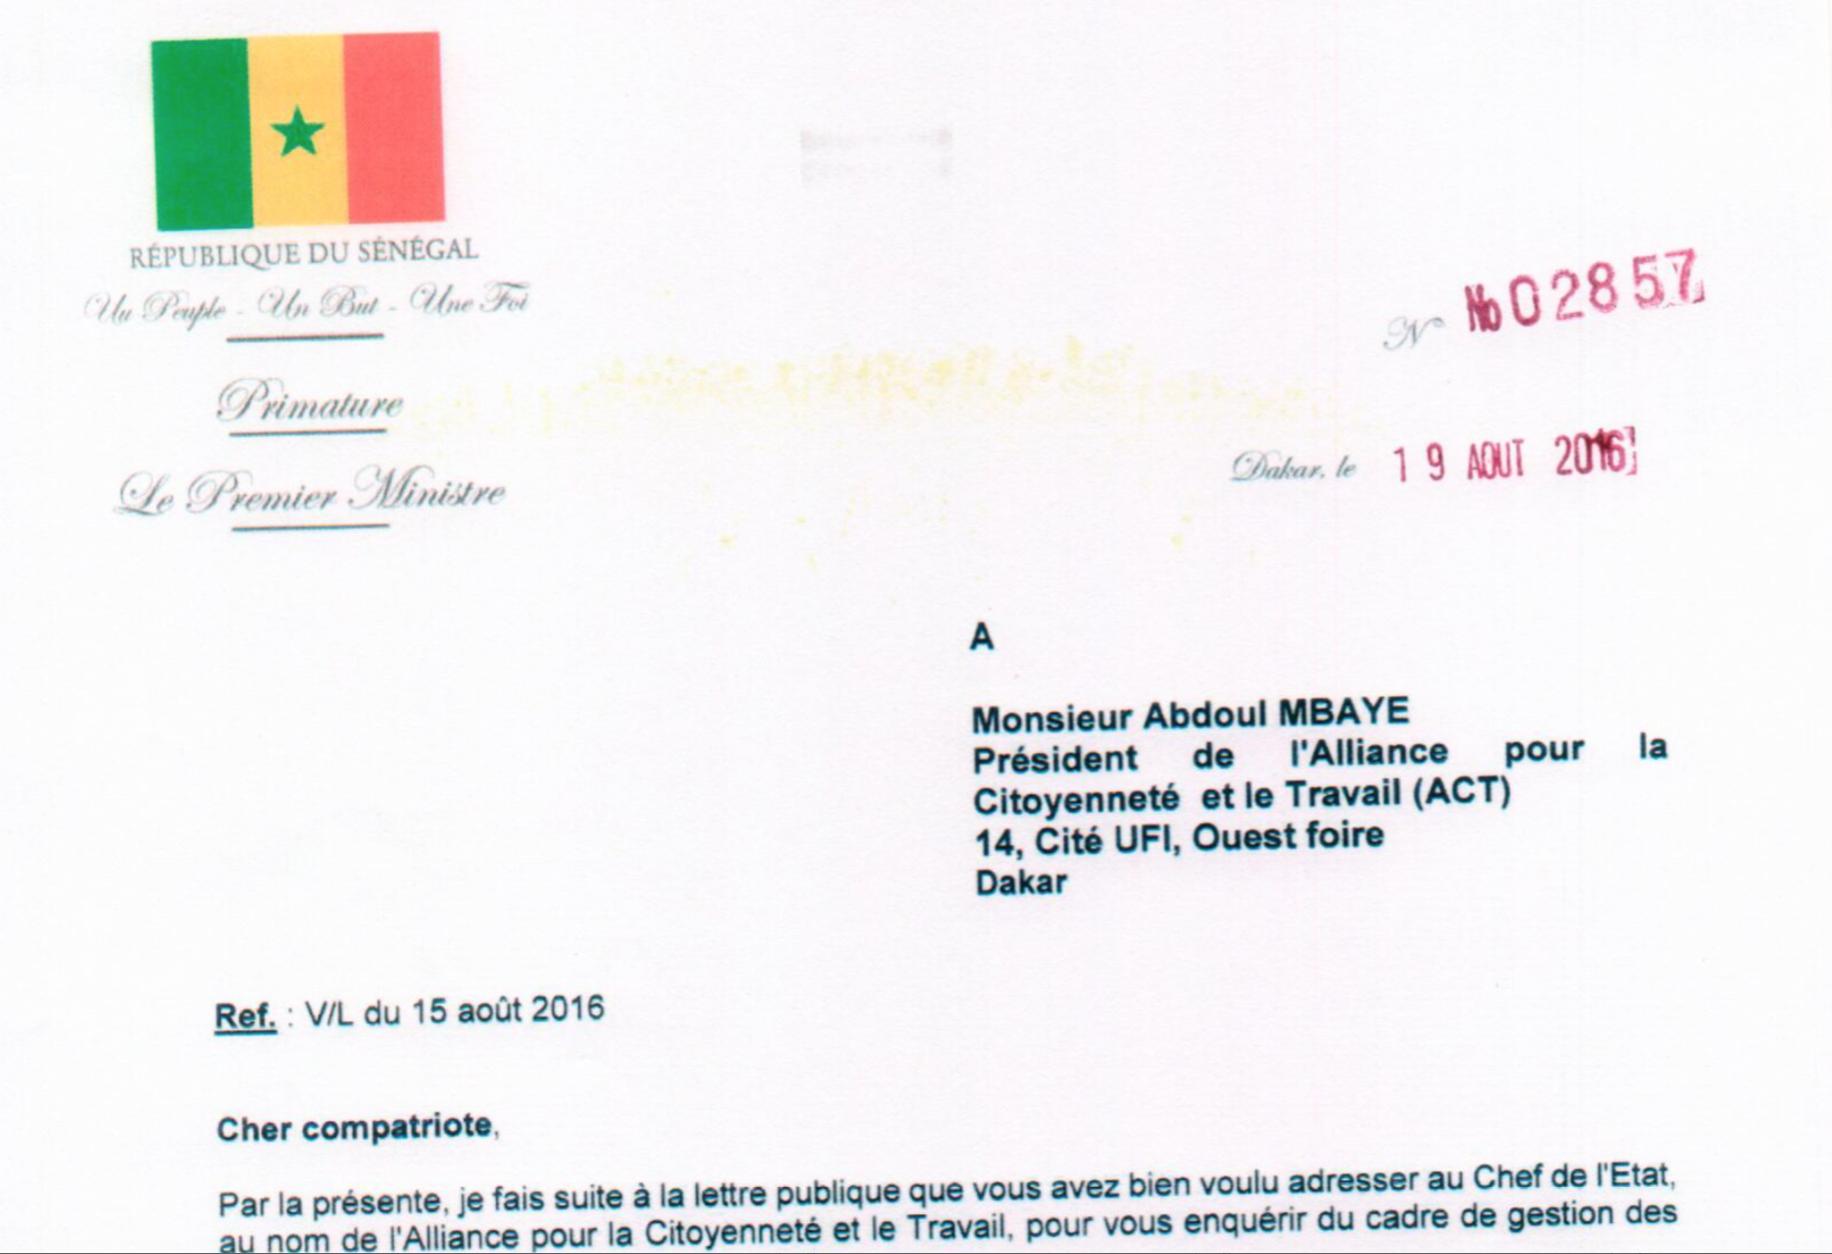 Pétrole et gaz de la République du Sénégal : Le Premier ministre Mahammad Boun Abdallah Dionne répond à Abdoul Mbaye